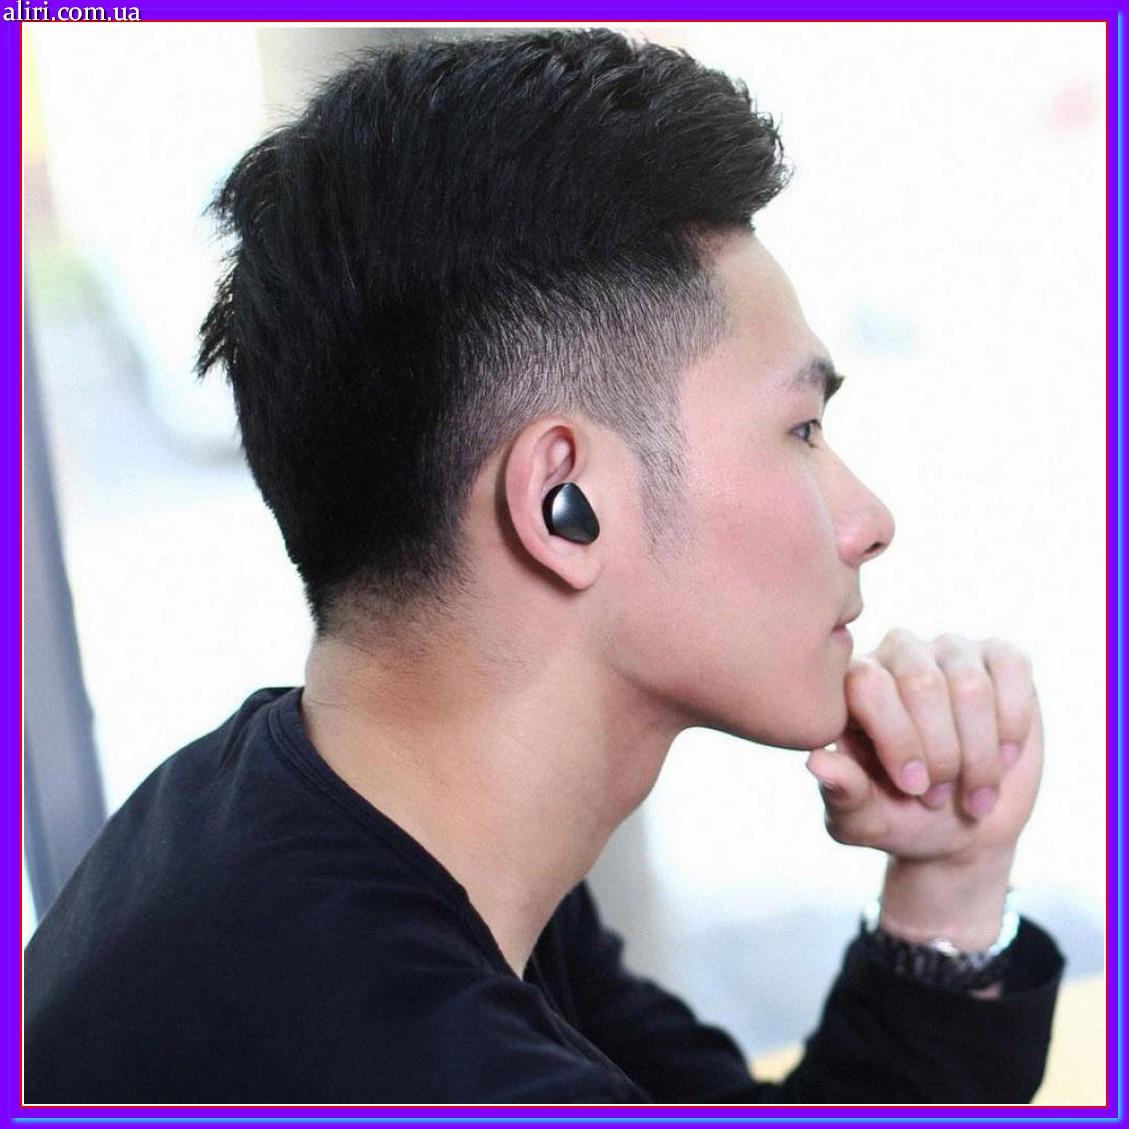 Беспроводная Bluetooth гарнитура Remax RB-T21 черная